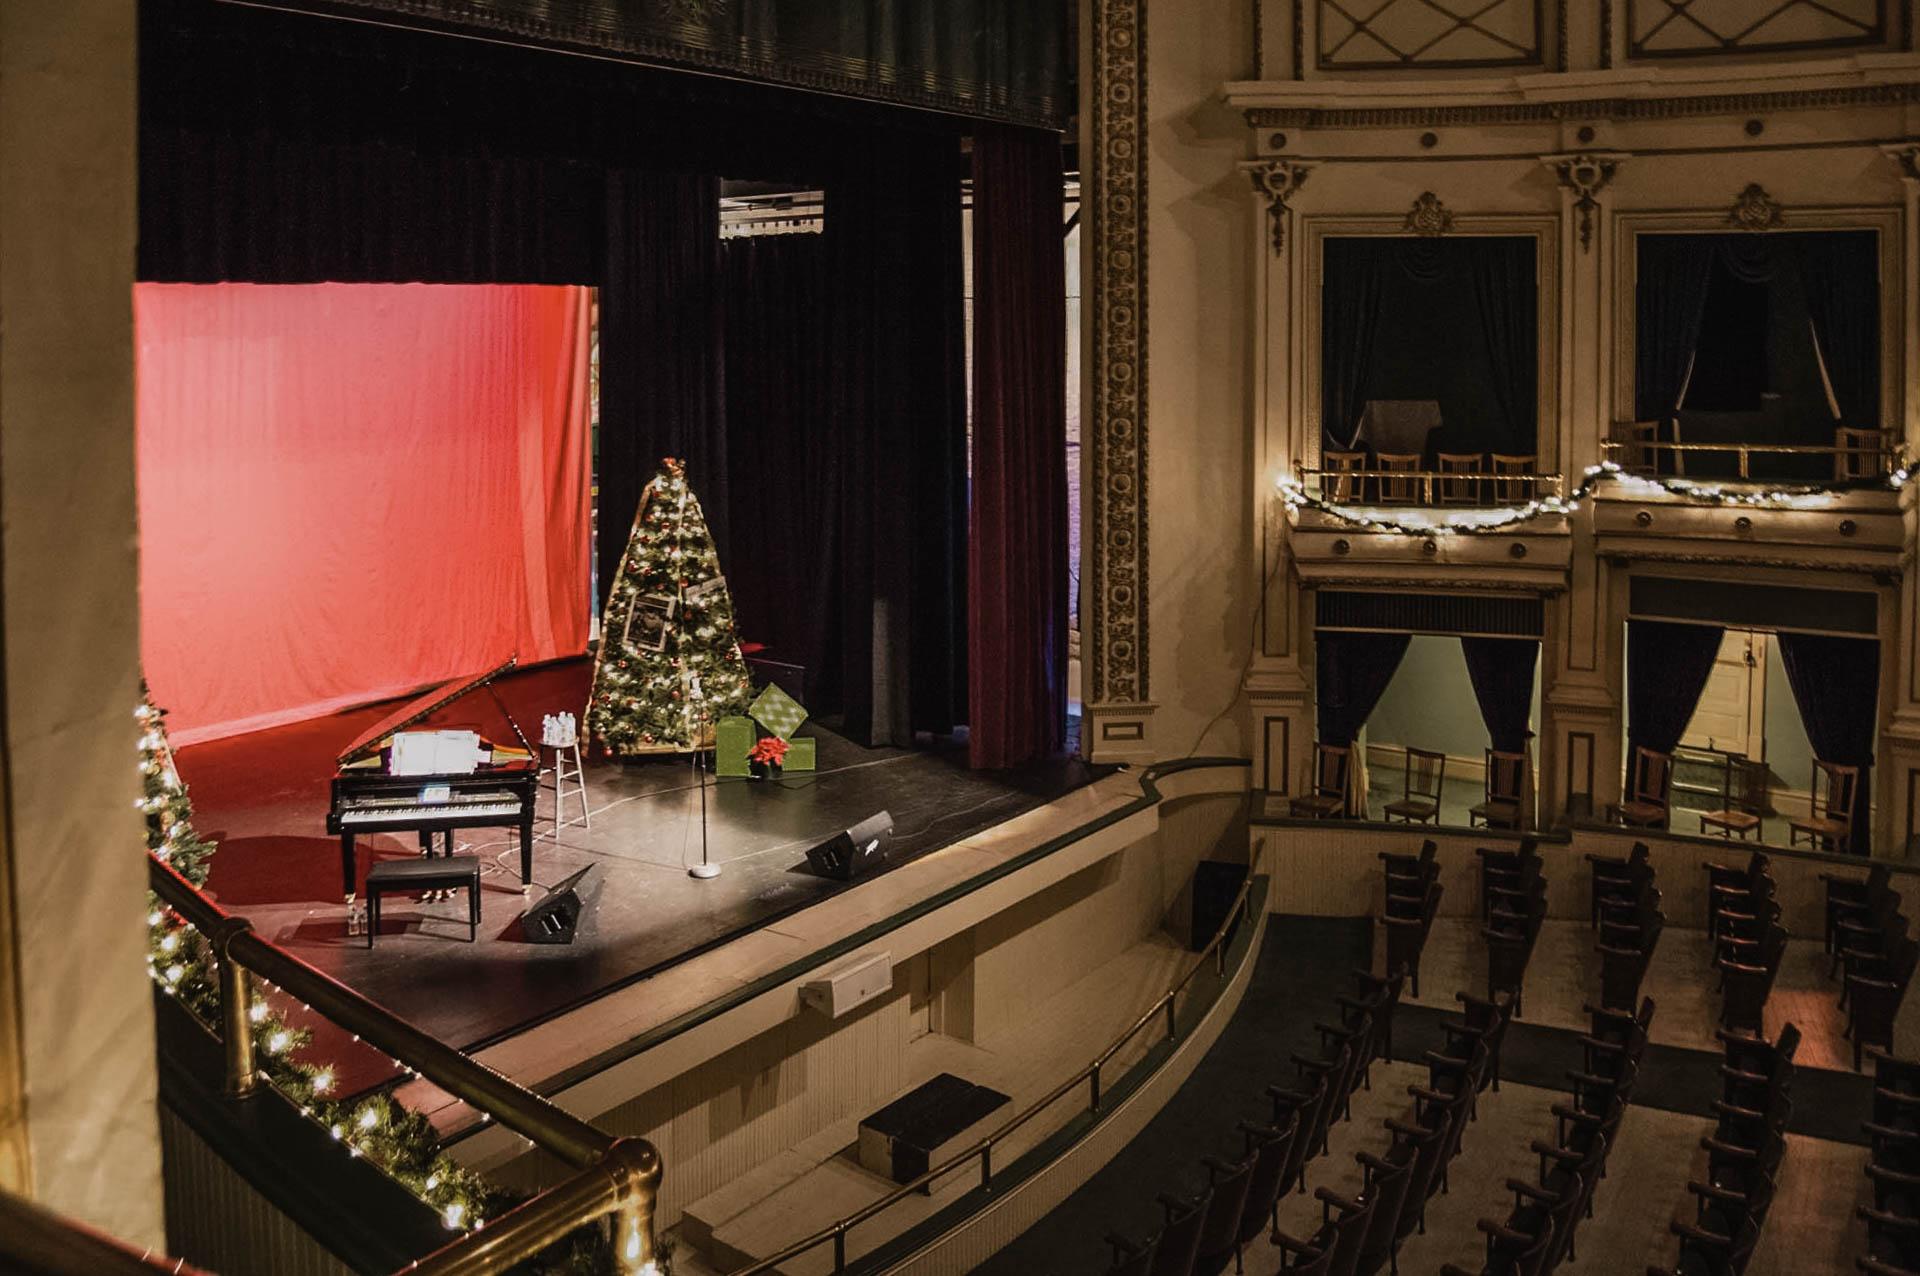 theater-14.jpg